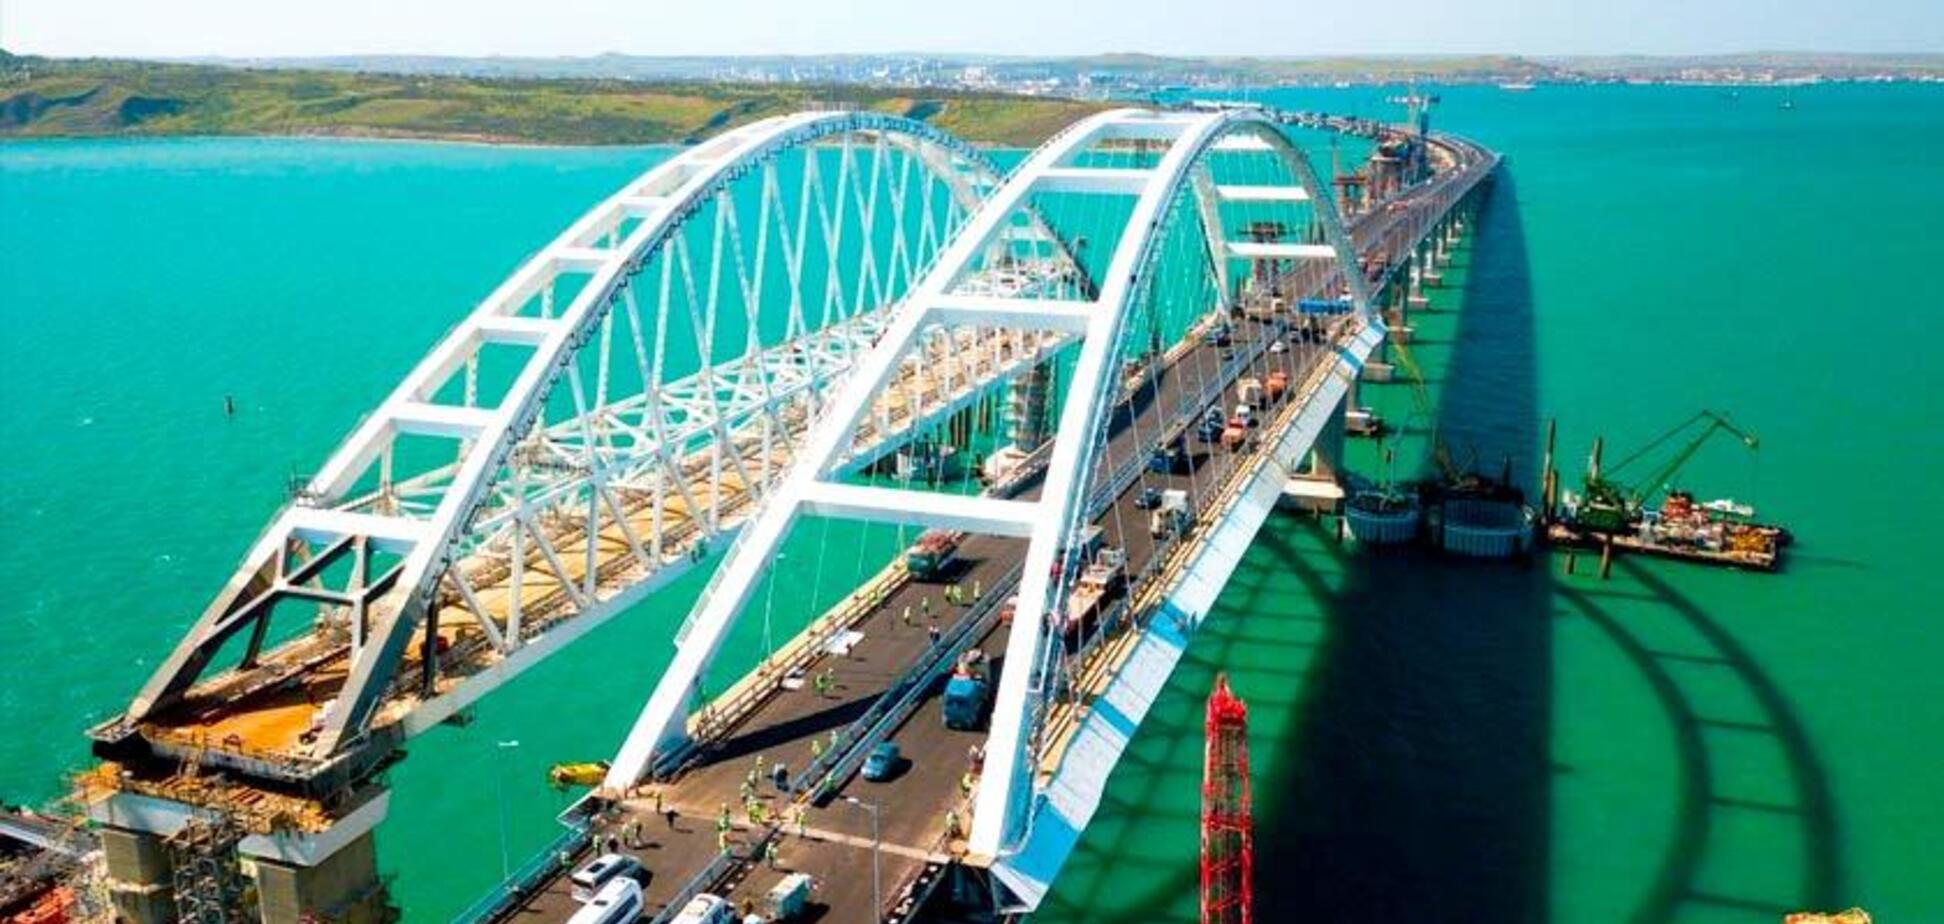 З'явилась ще одна потенційна загроза для України в Азові